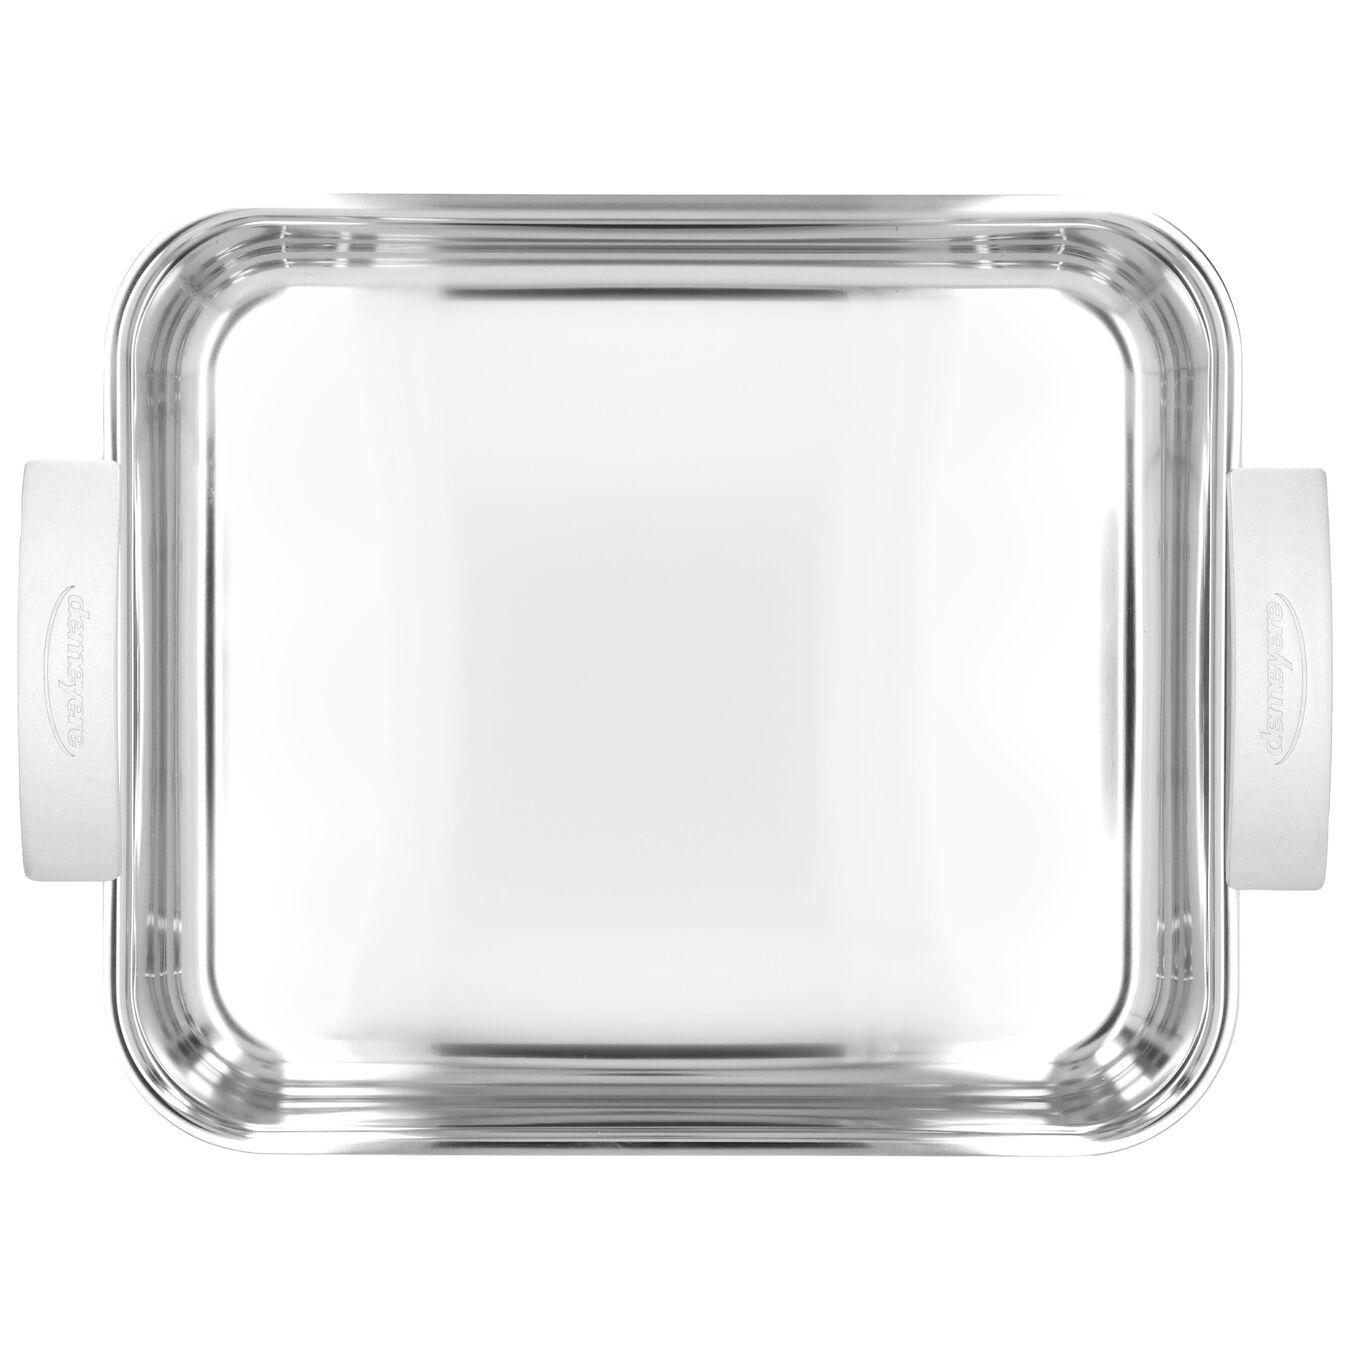 Rister + gitter 40 cm, 18/10 rustfrit stål, Sølv,,large 3